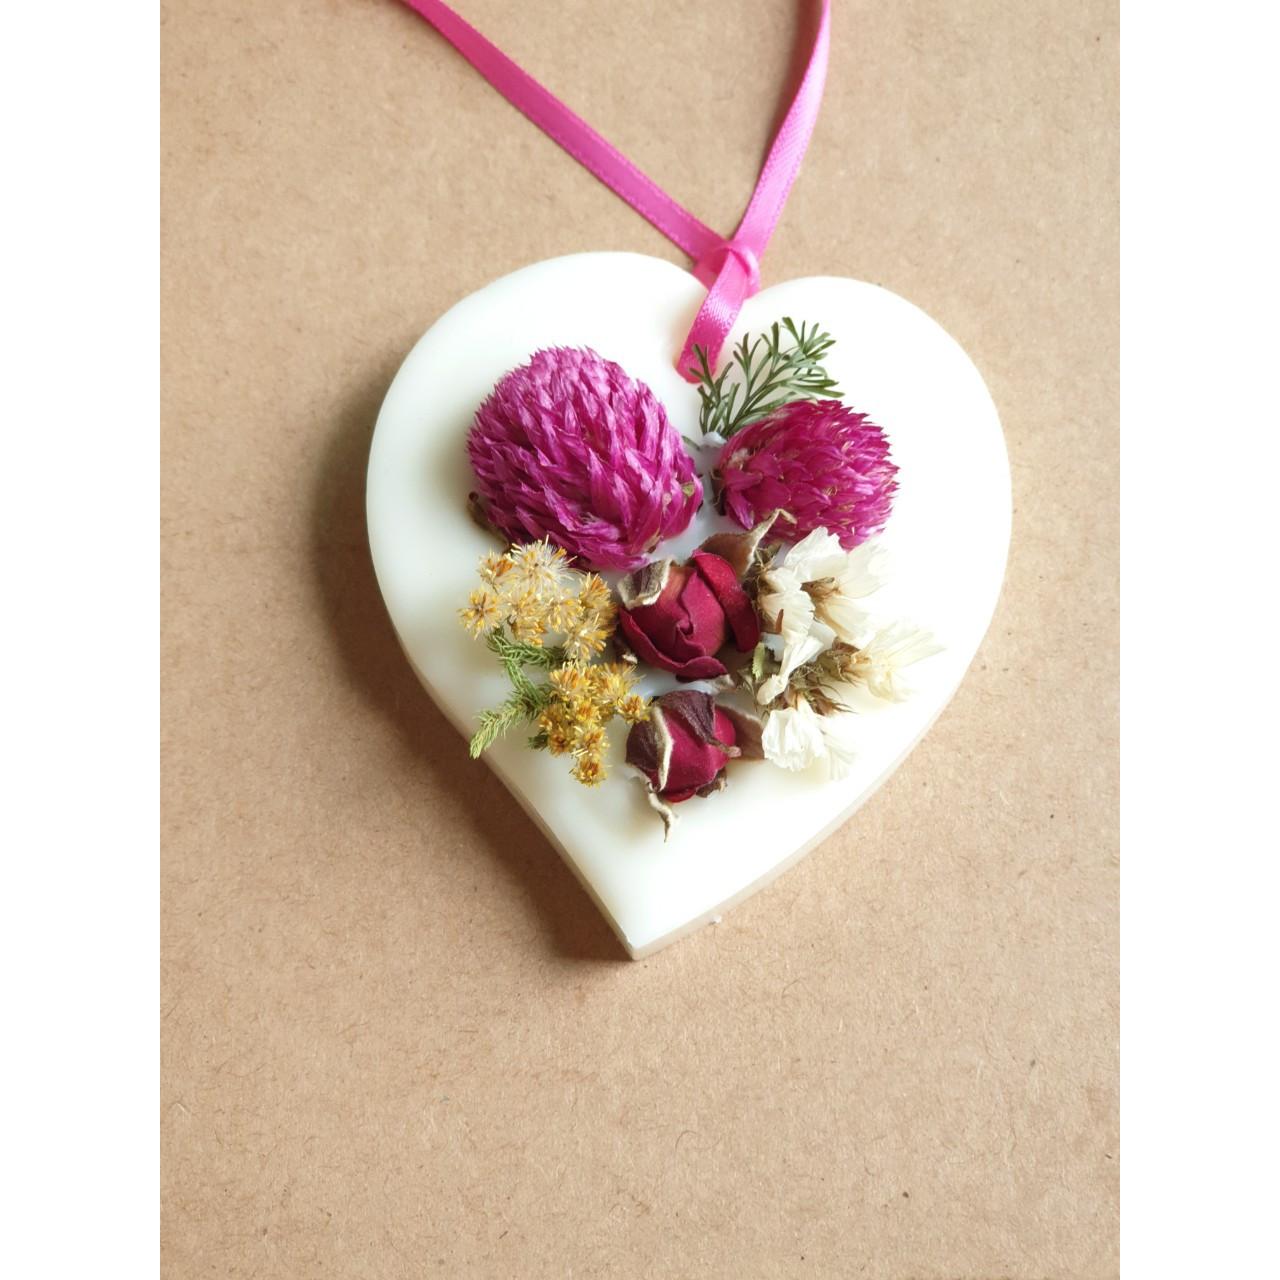 Sáp thơm tinh dầu Ngọc Lan Tây 25-45g/ Natural scented wax tablets/Air Fresheners